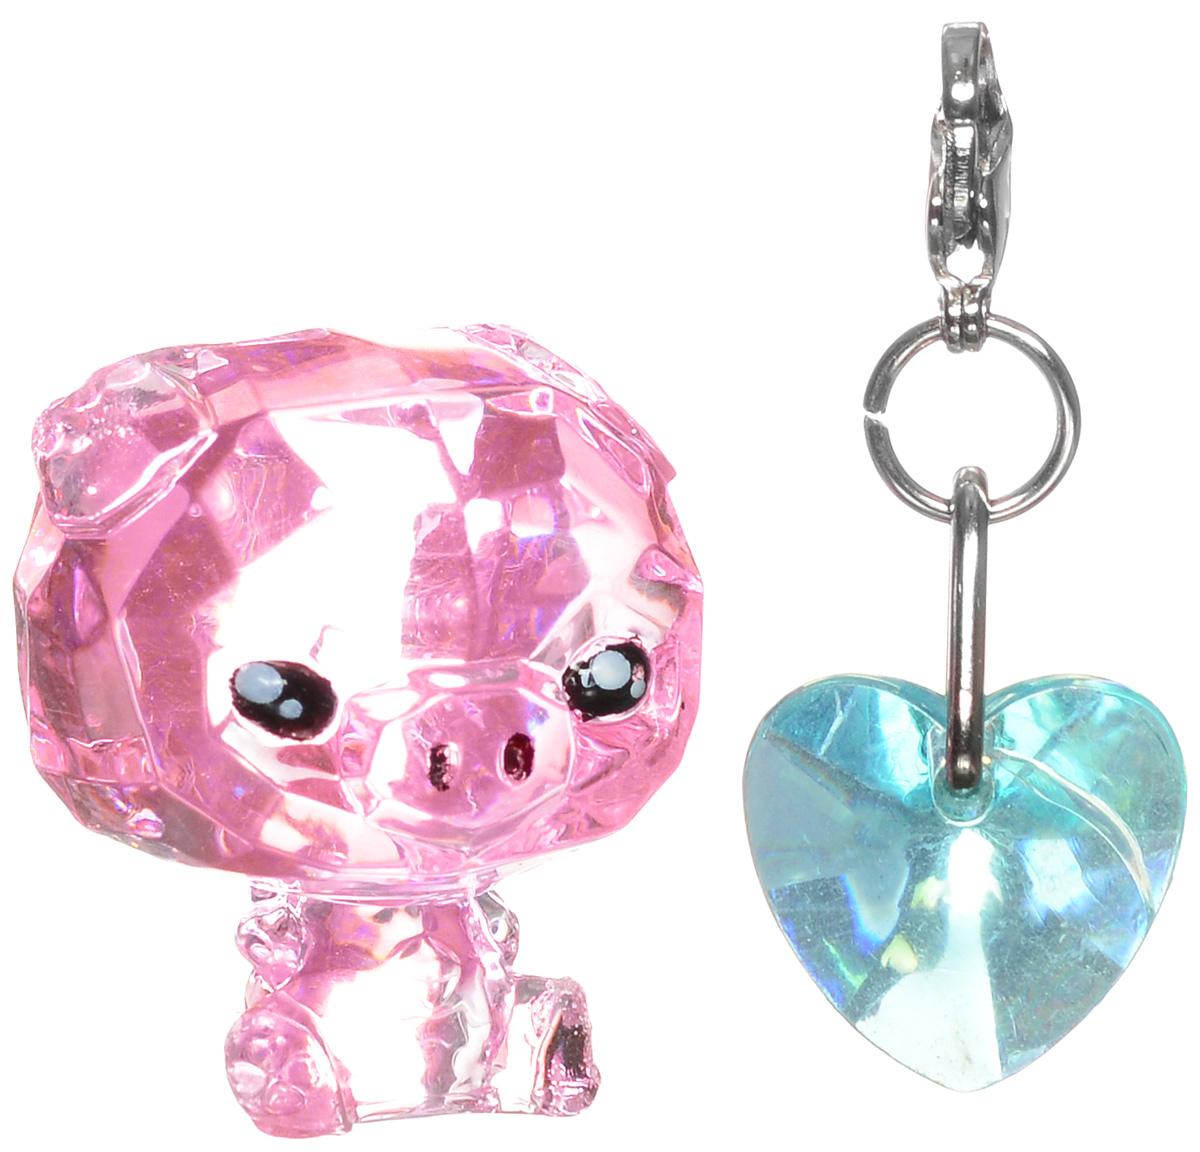 Crystal Surprise Фигурка Поросенок Zing цвет розовый45702_розовыйСамые искристые, самые сияющие малютки-зверюшки собрались здесь, чтобы принести вам удачу! Когда на небе встает солнце вдогонку тающей луне, появляются зверьки Crystal Surprise. Возьмите их в руку - и почувствуете, как они приносят удачу. У каждого зверька Crystal Surprise есть свое предназначение, каждый из них станет вашим талисманом. Носите, дарите их. Соберите их всех, чтобы умножить их магические способности! Предназначение фигурки Crystal Surprise Поросенок Zing - везение. Фигурка искрится и сияет - вам удачу прибавляет! Носите поросенка везде с собой - это ваш талисман удачи! В набор также входит подвеска на удачу!